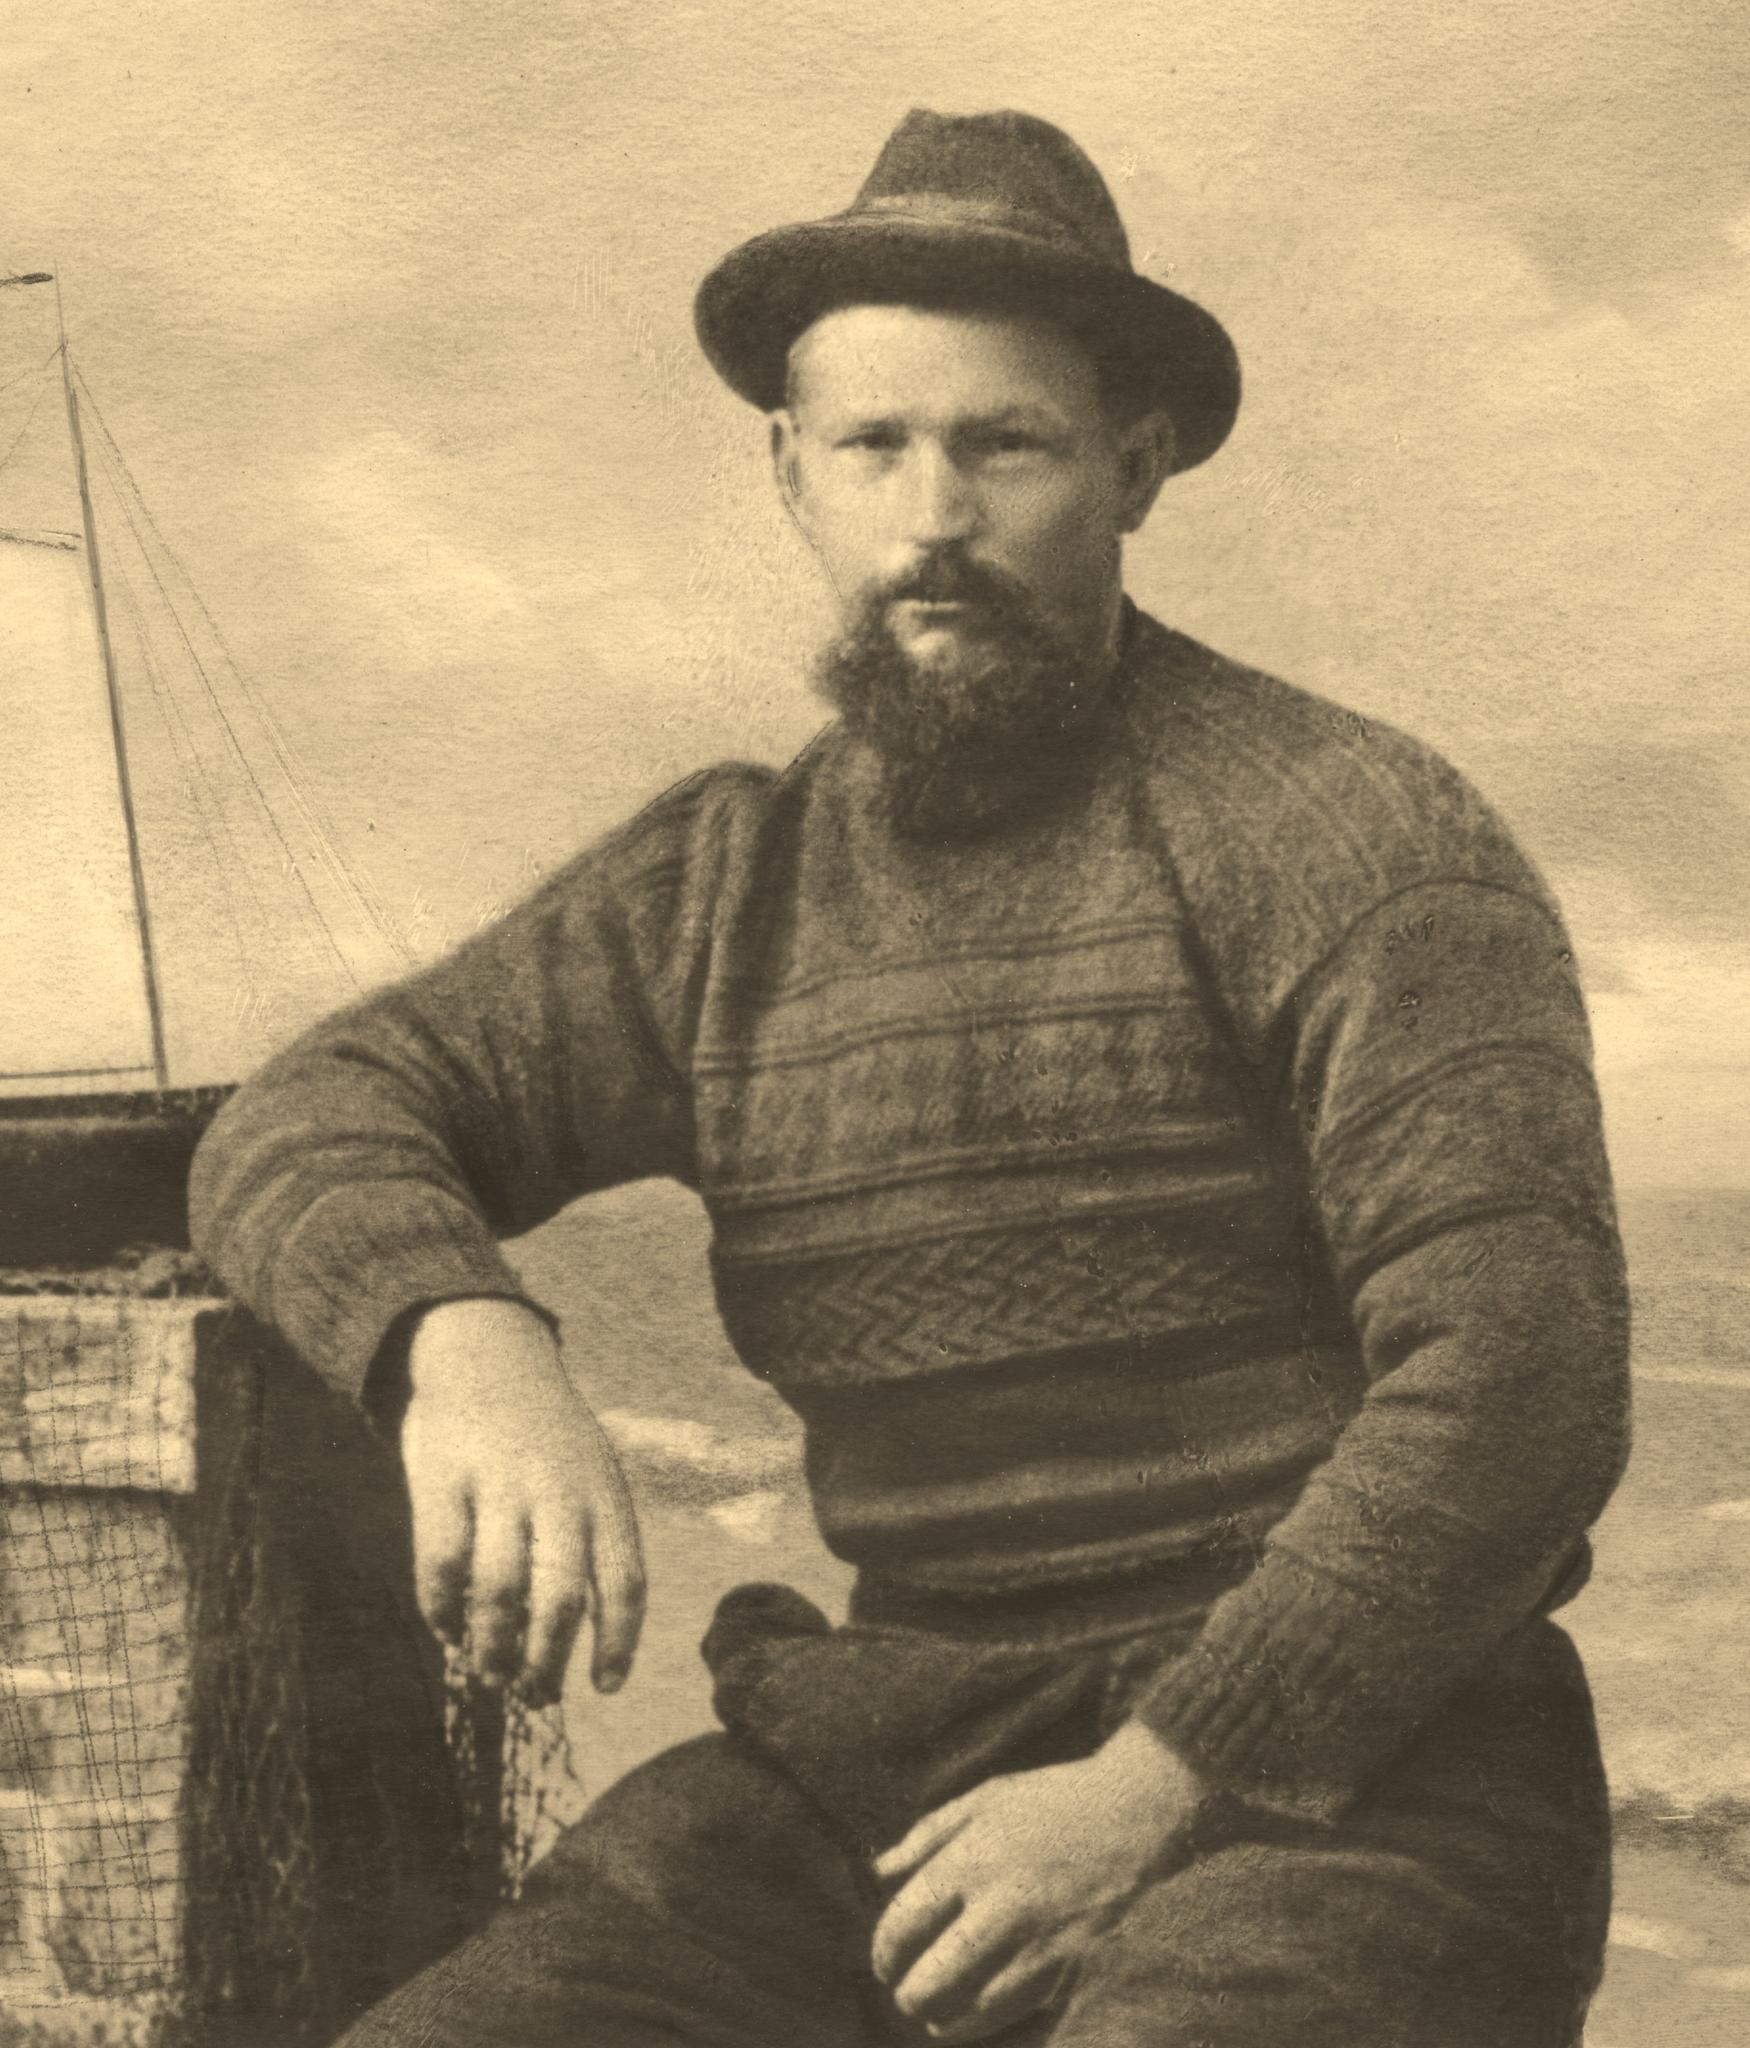 Wierum, Jacob Akkerman